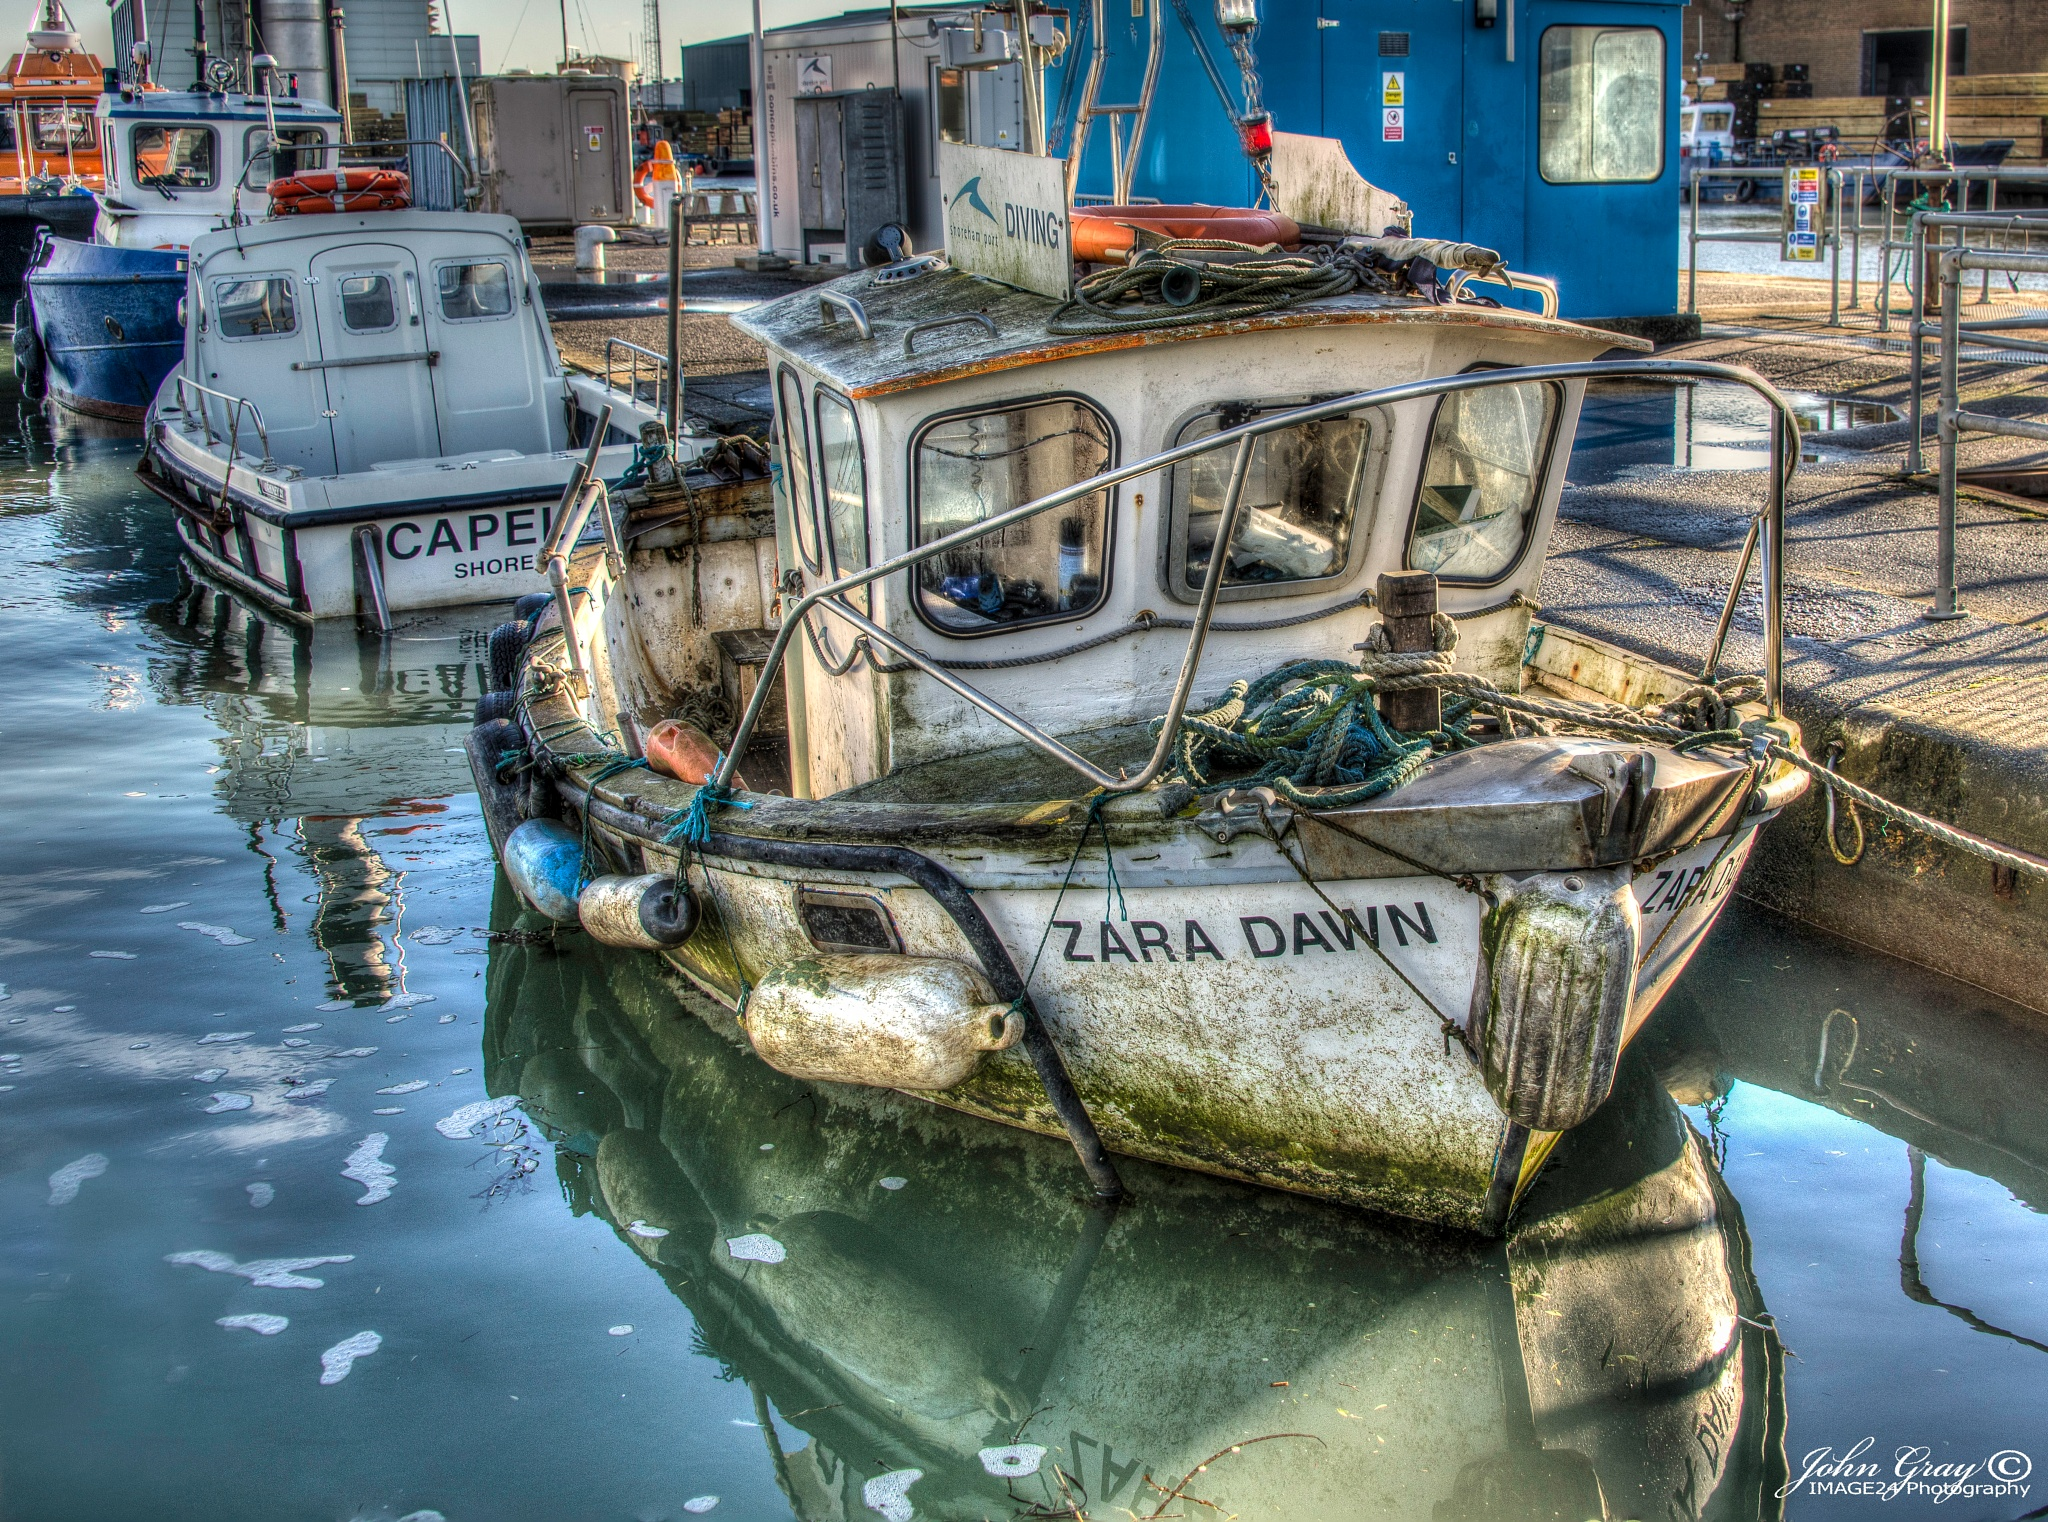 Zara Dawn by image24